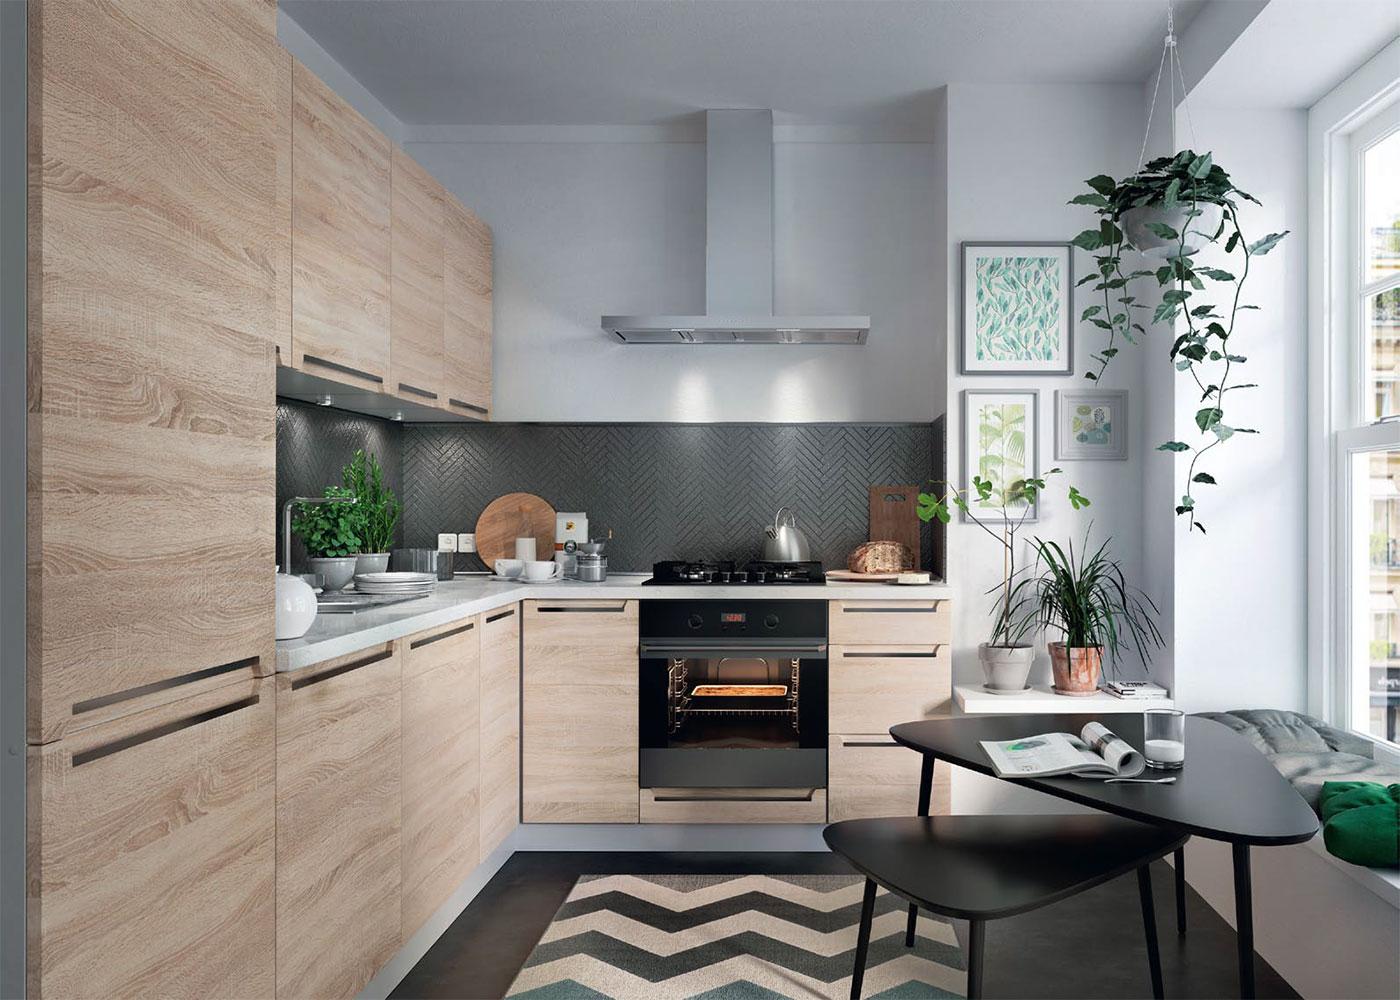 Einbauküche mit Elektrogeräten Spülbecken Küche Küchenzeile E ...